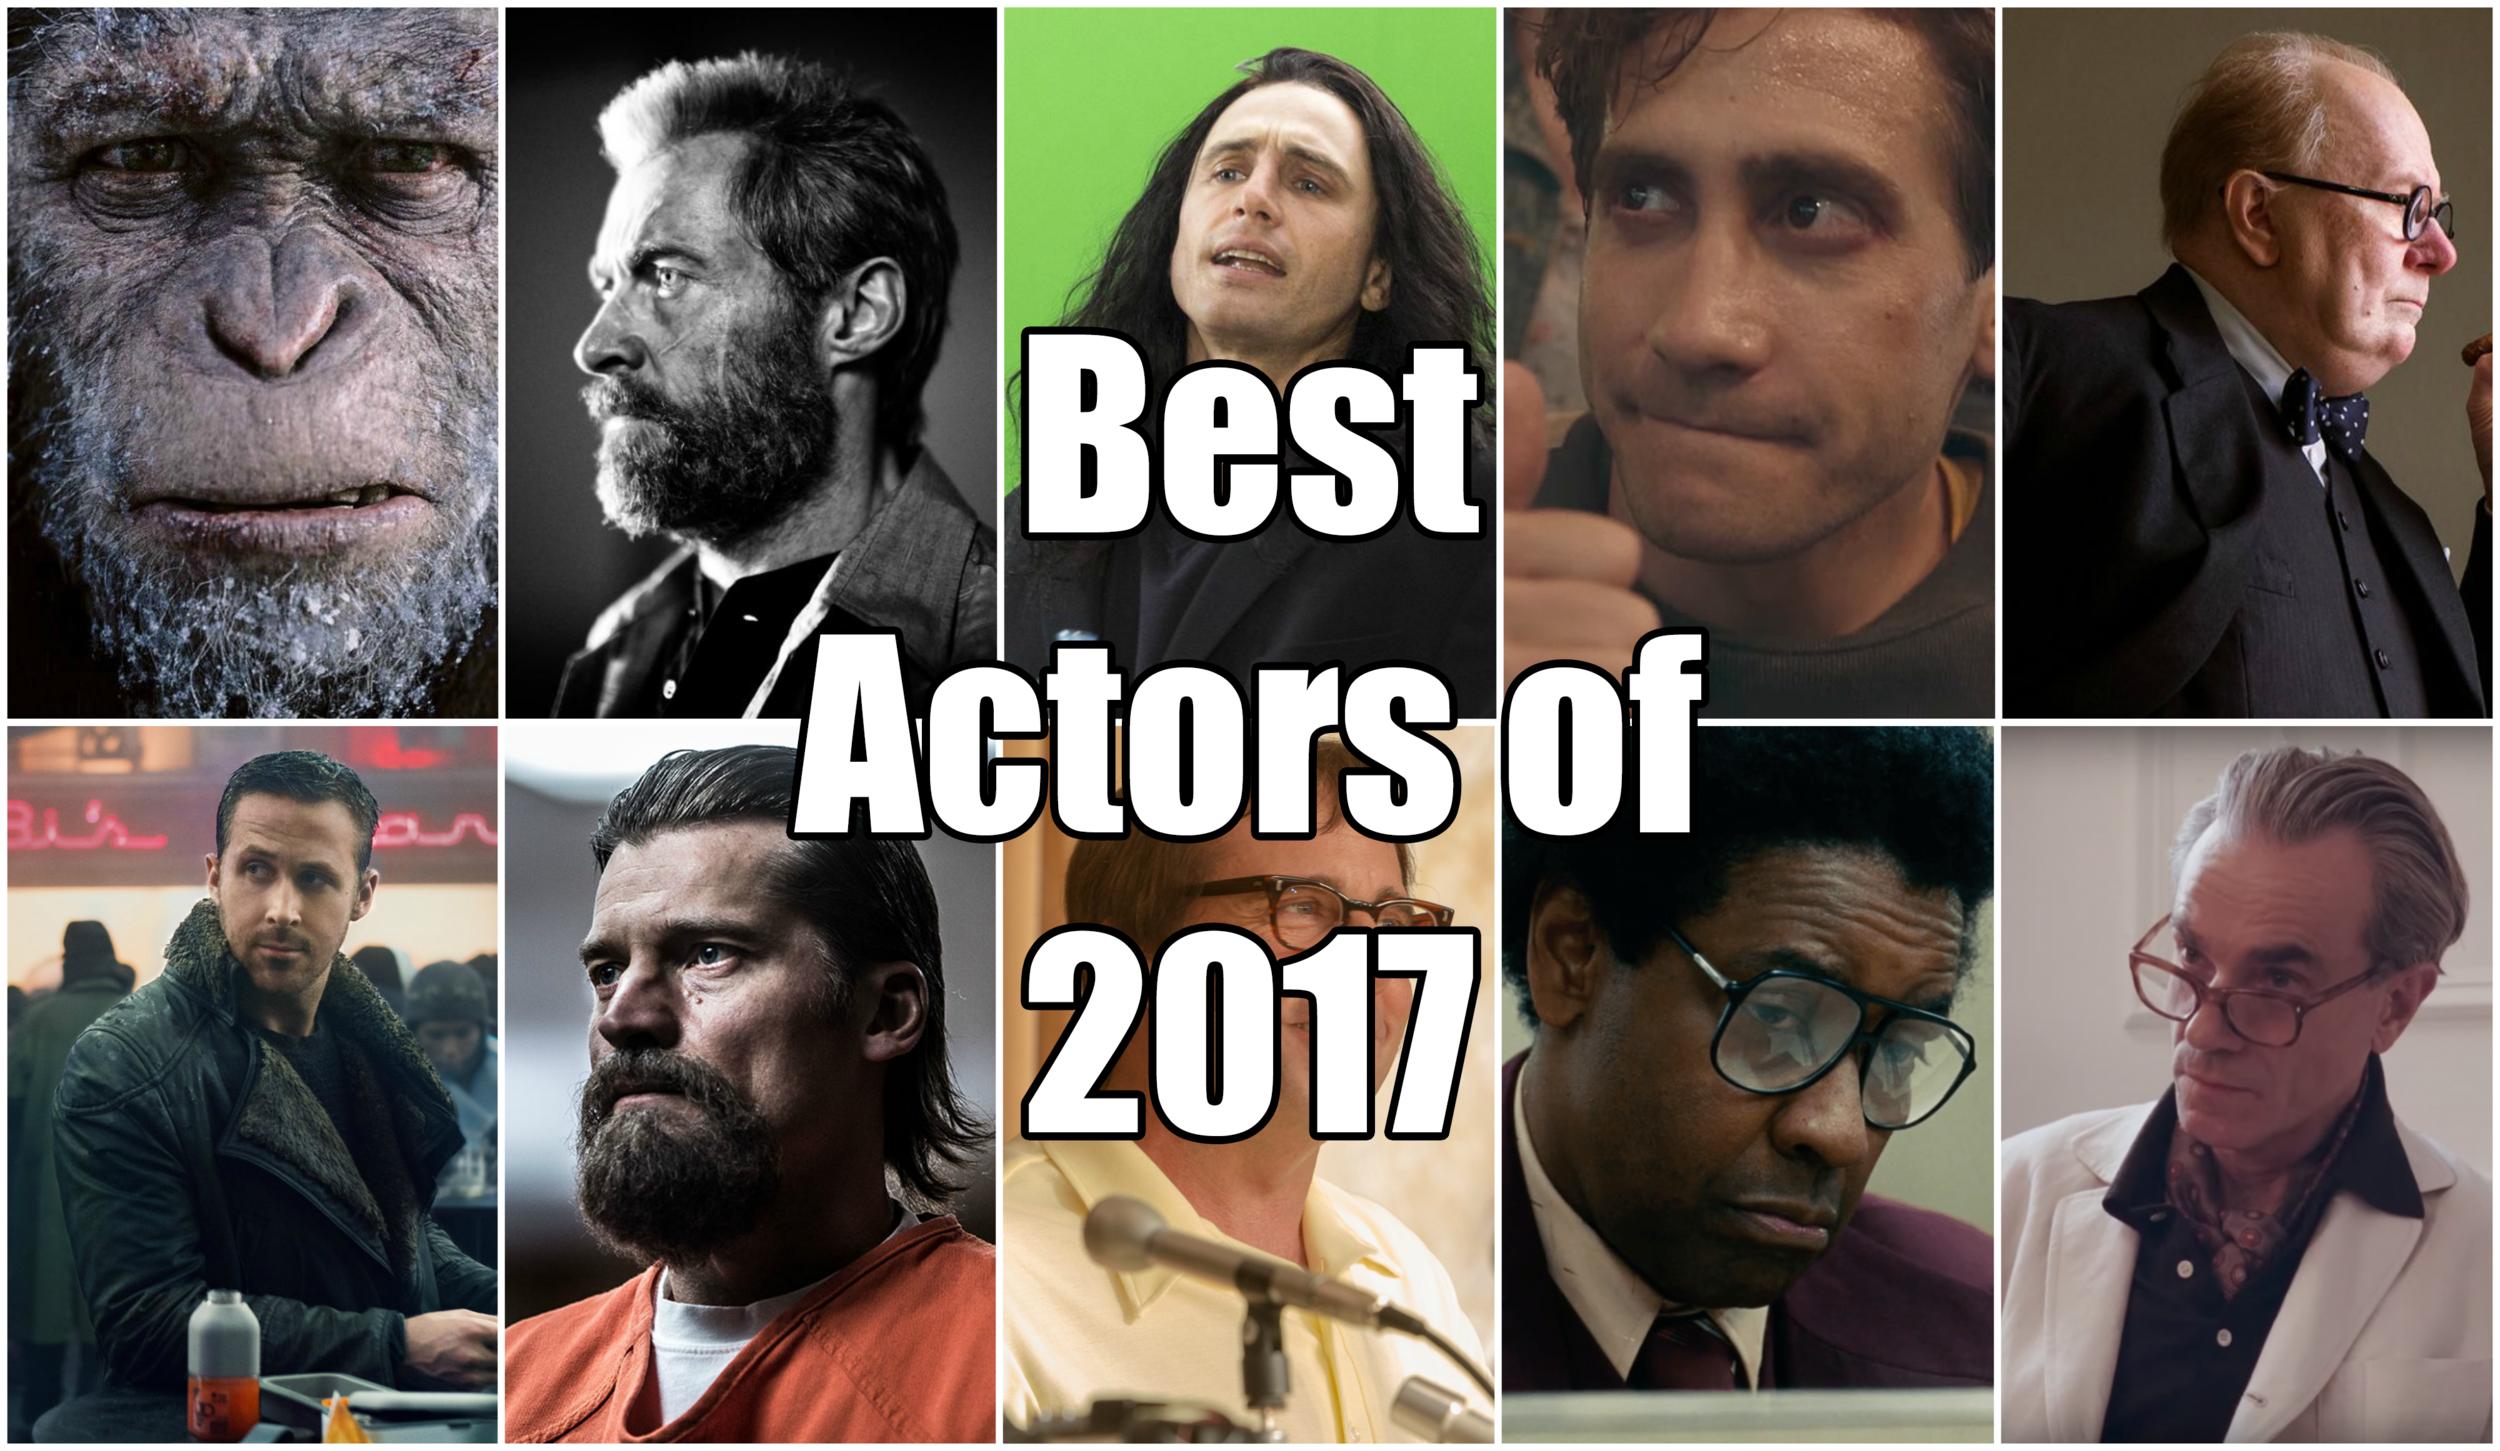 Bestactors2017.png